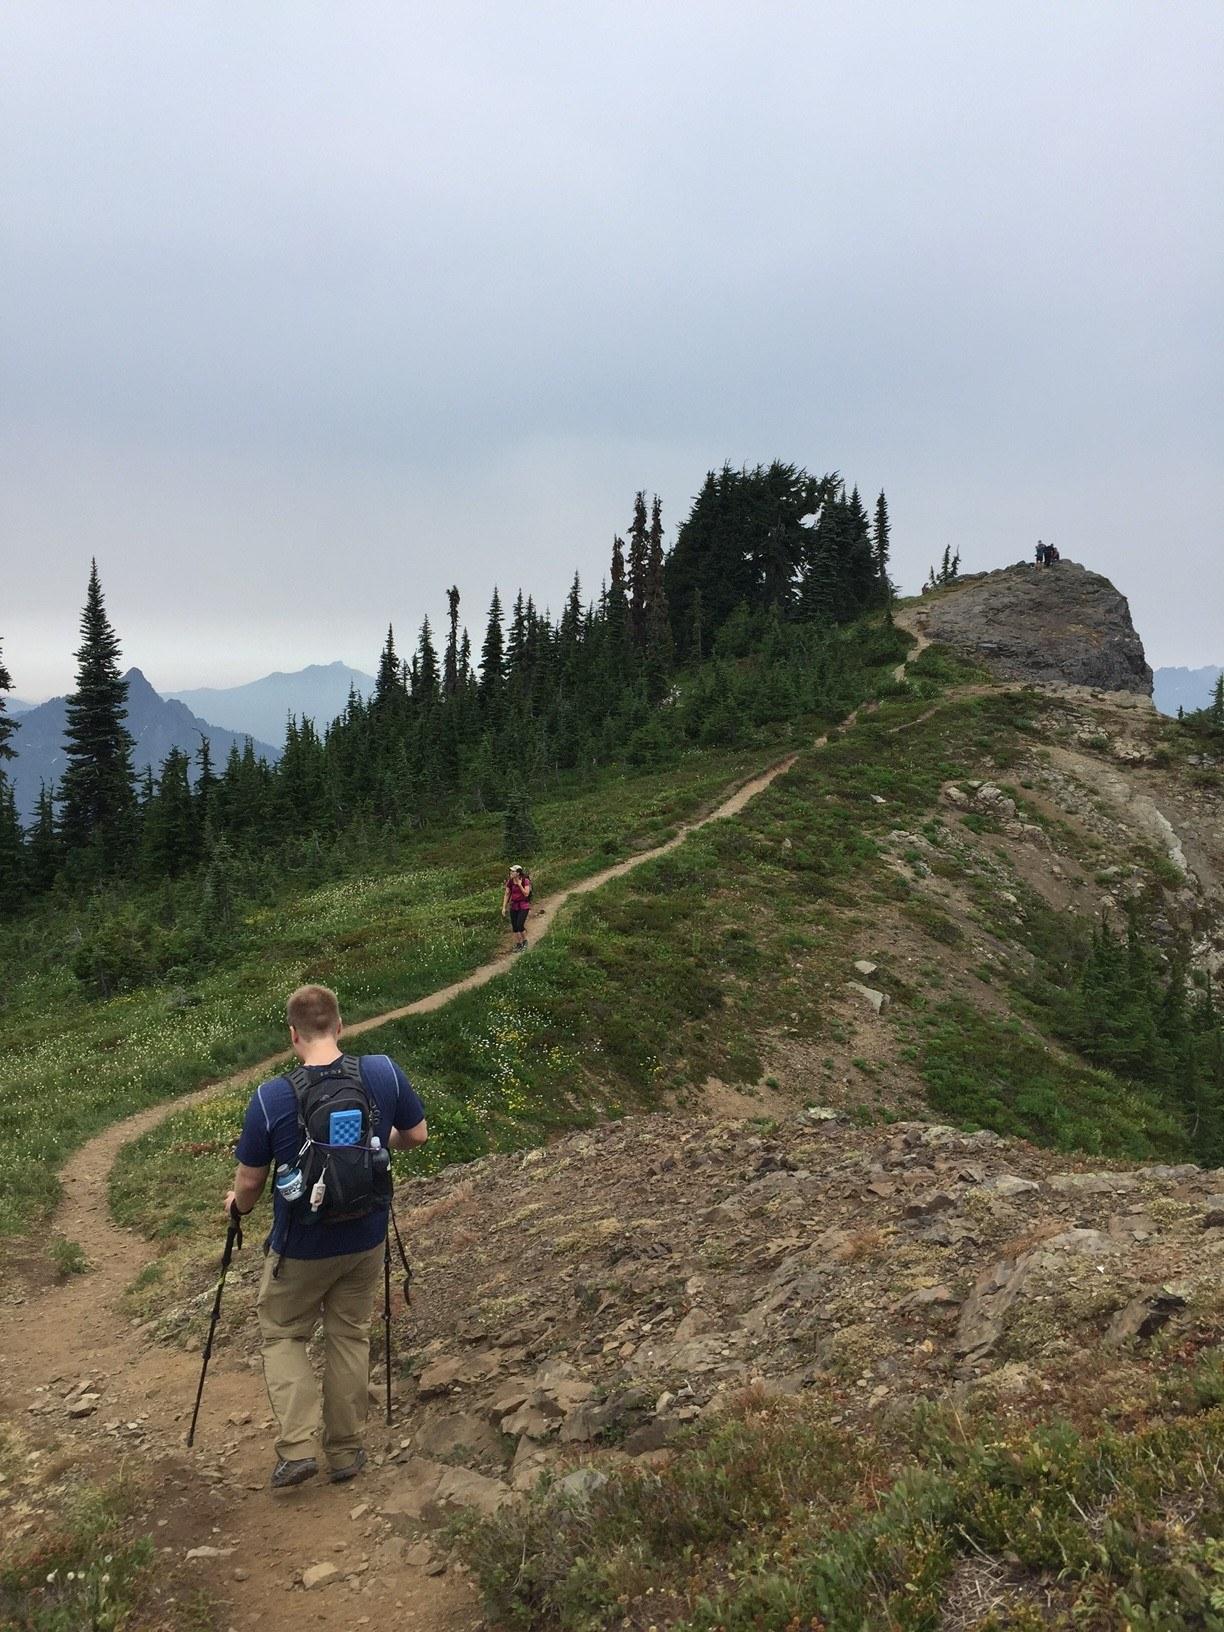 Hikers on Mount Dickerman. Photo by doristheexplorist.